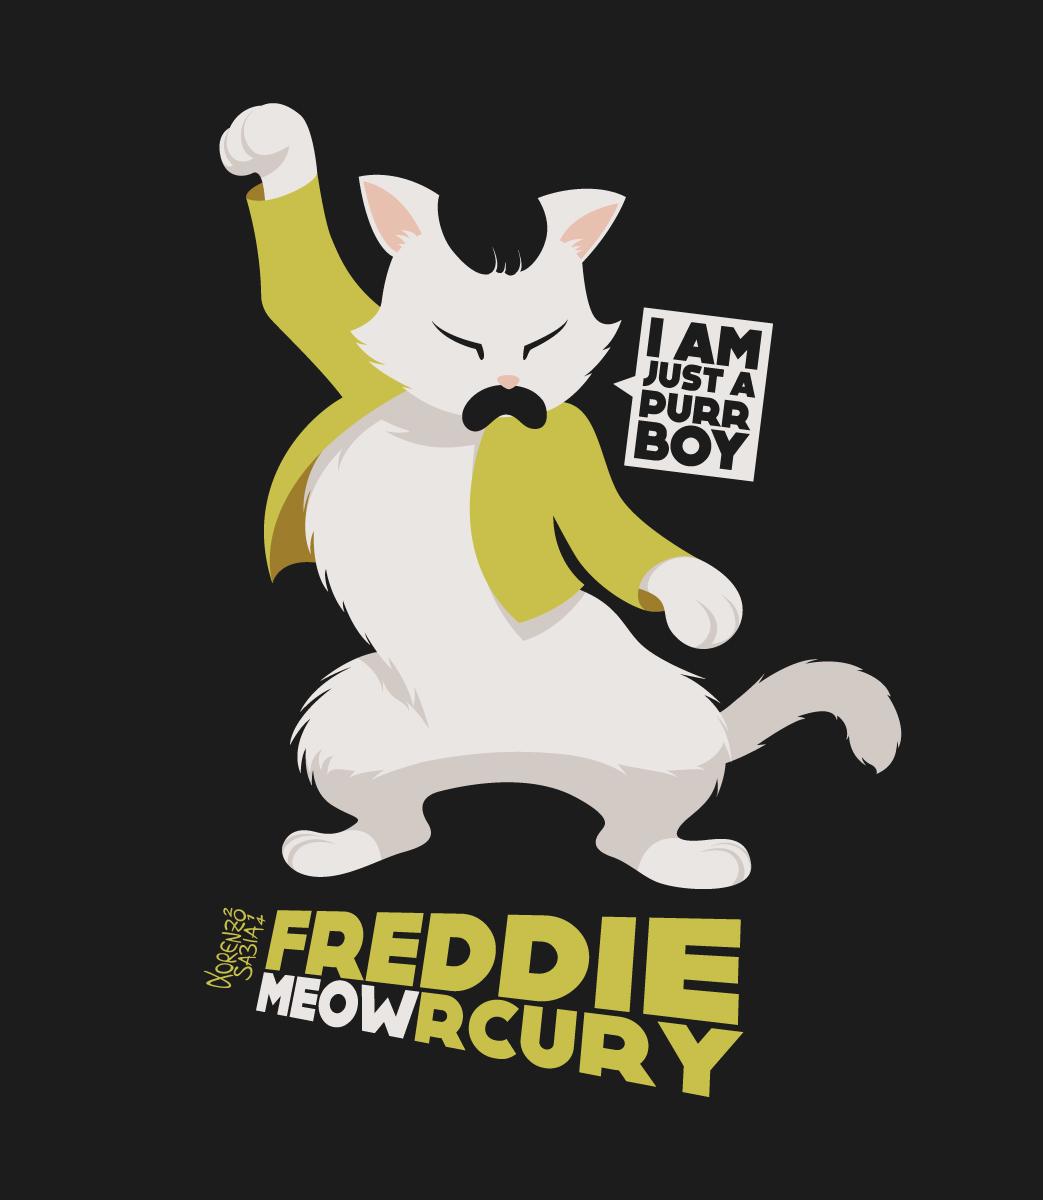 Freddie Meowrcury by LorenzoSabia